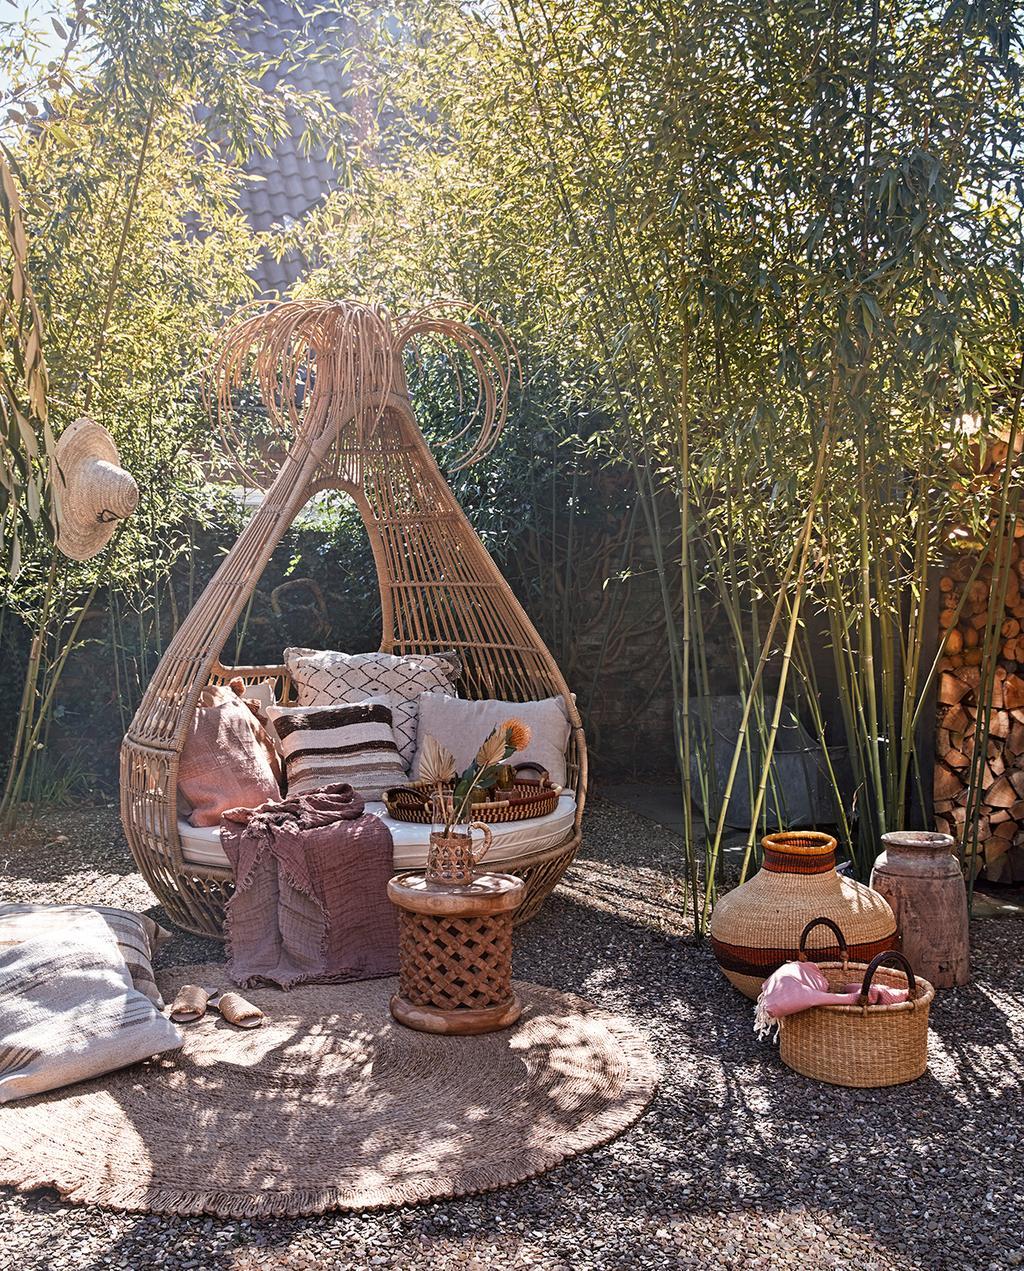 vtwonen tuin special 2 2020 | rotan bank met tuin decoratie terra kleuren mediterraanse tuin styling